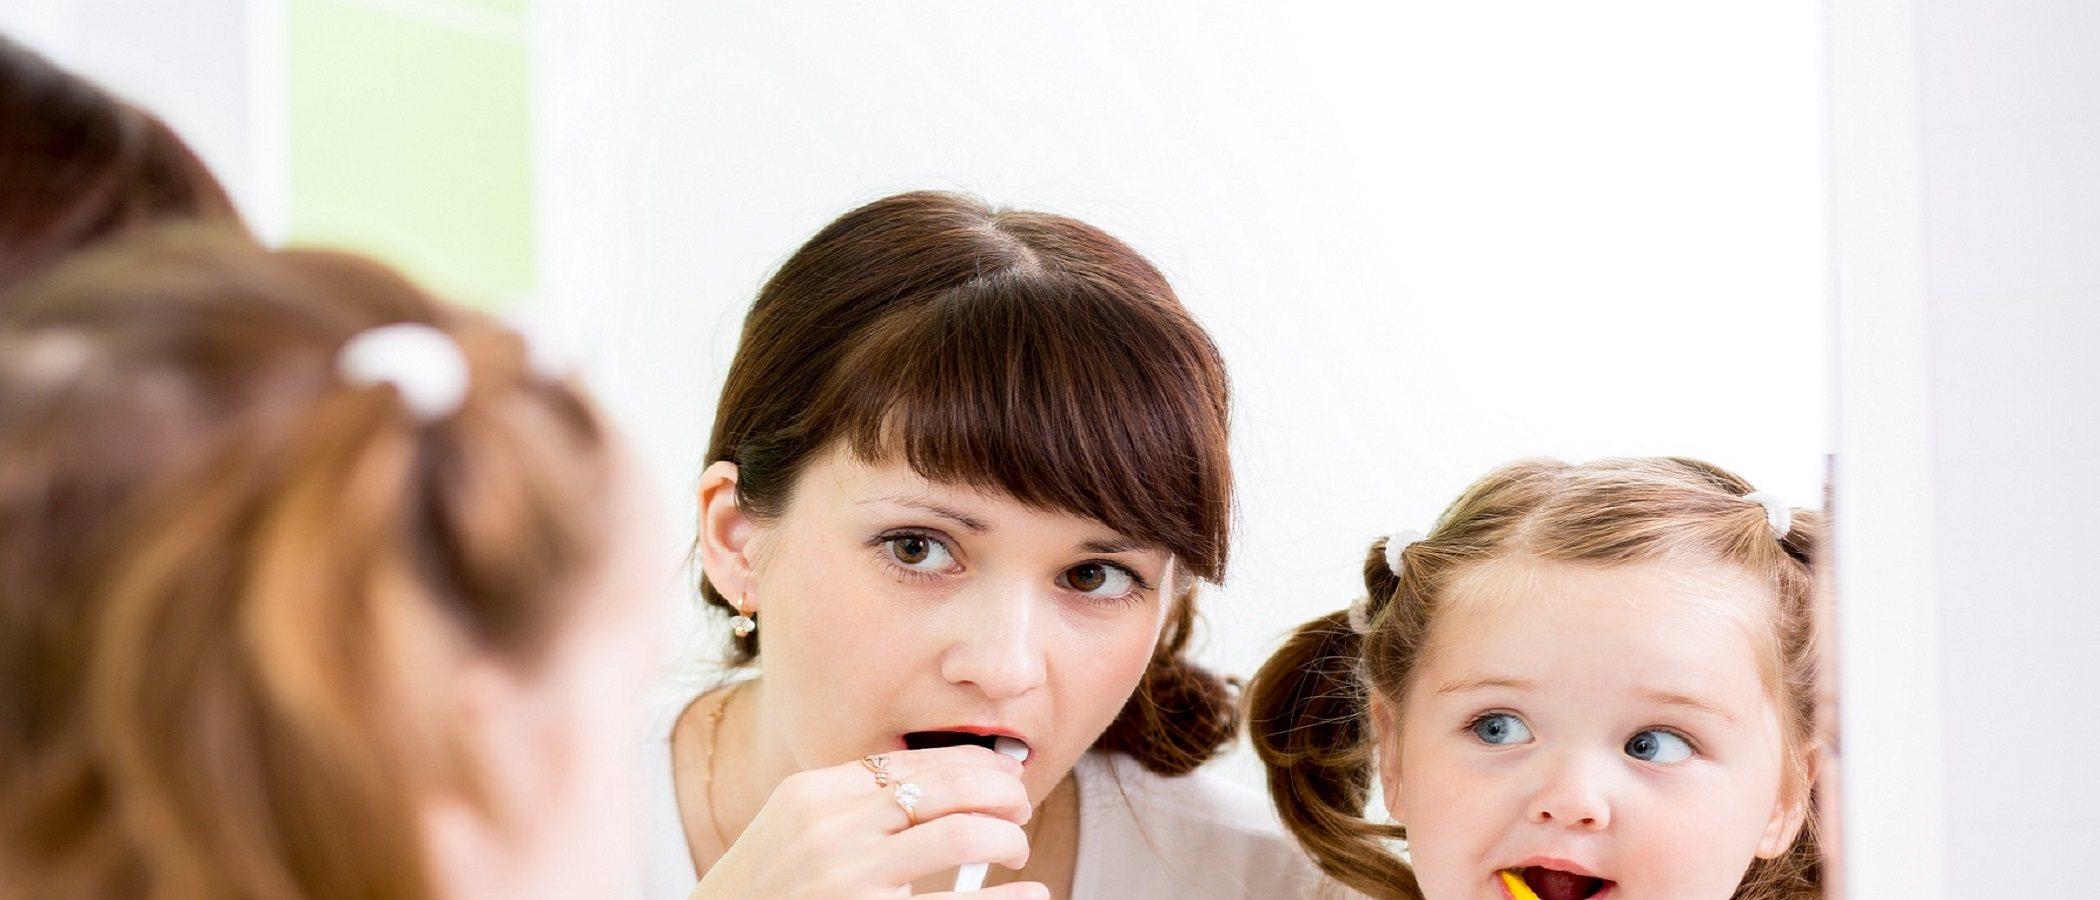 Distracción como herramienta de disciplina efectiva en niños pequeños